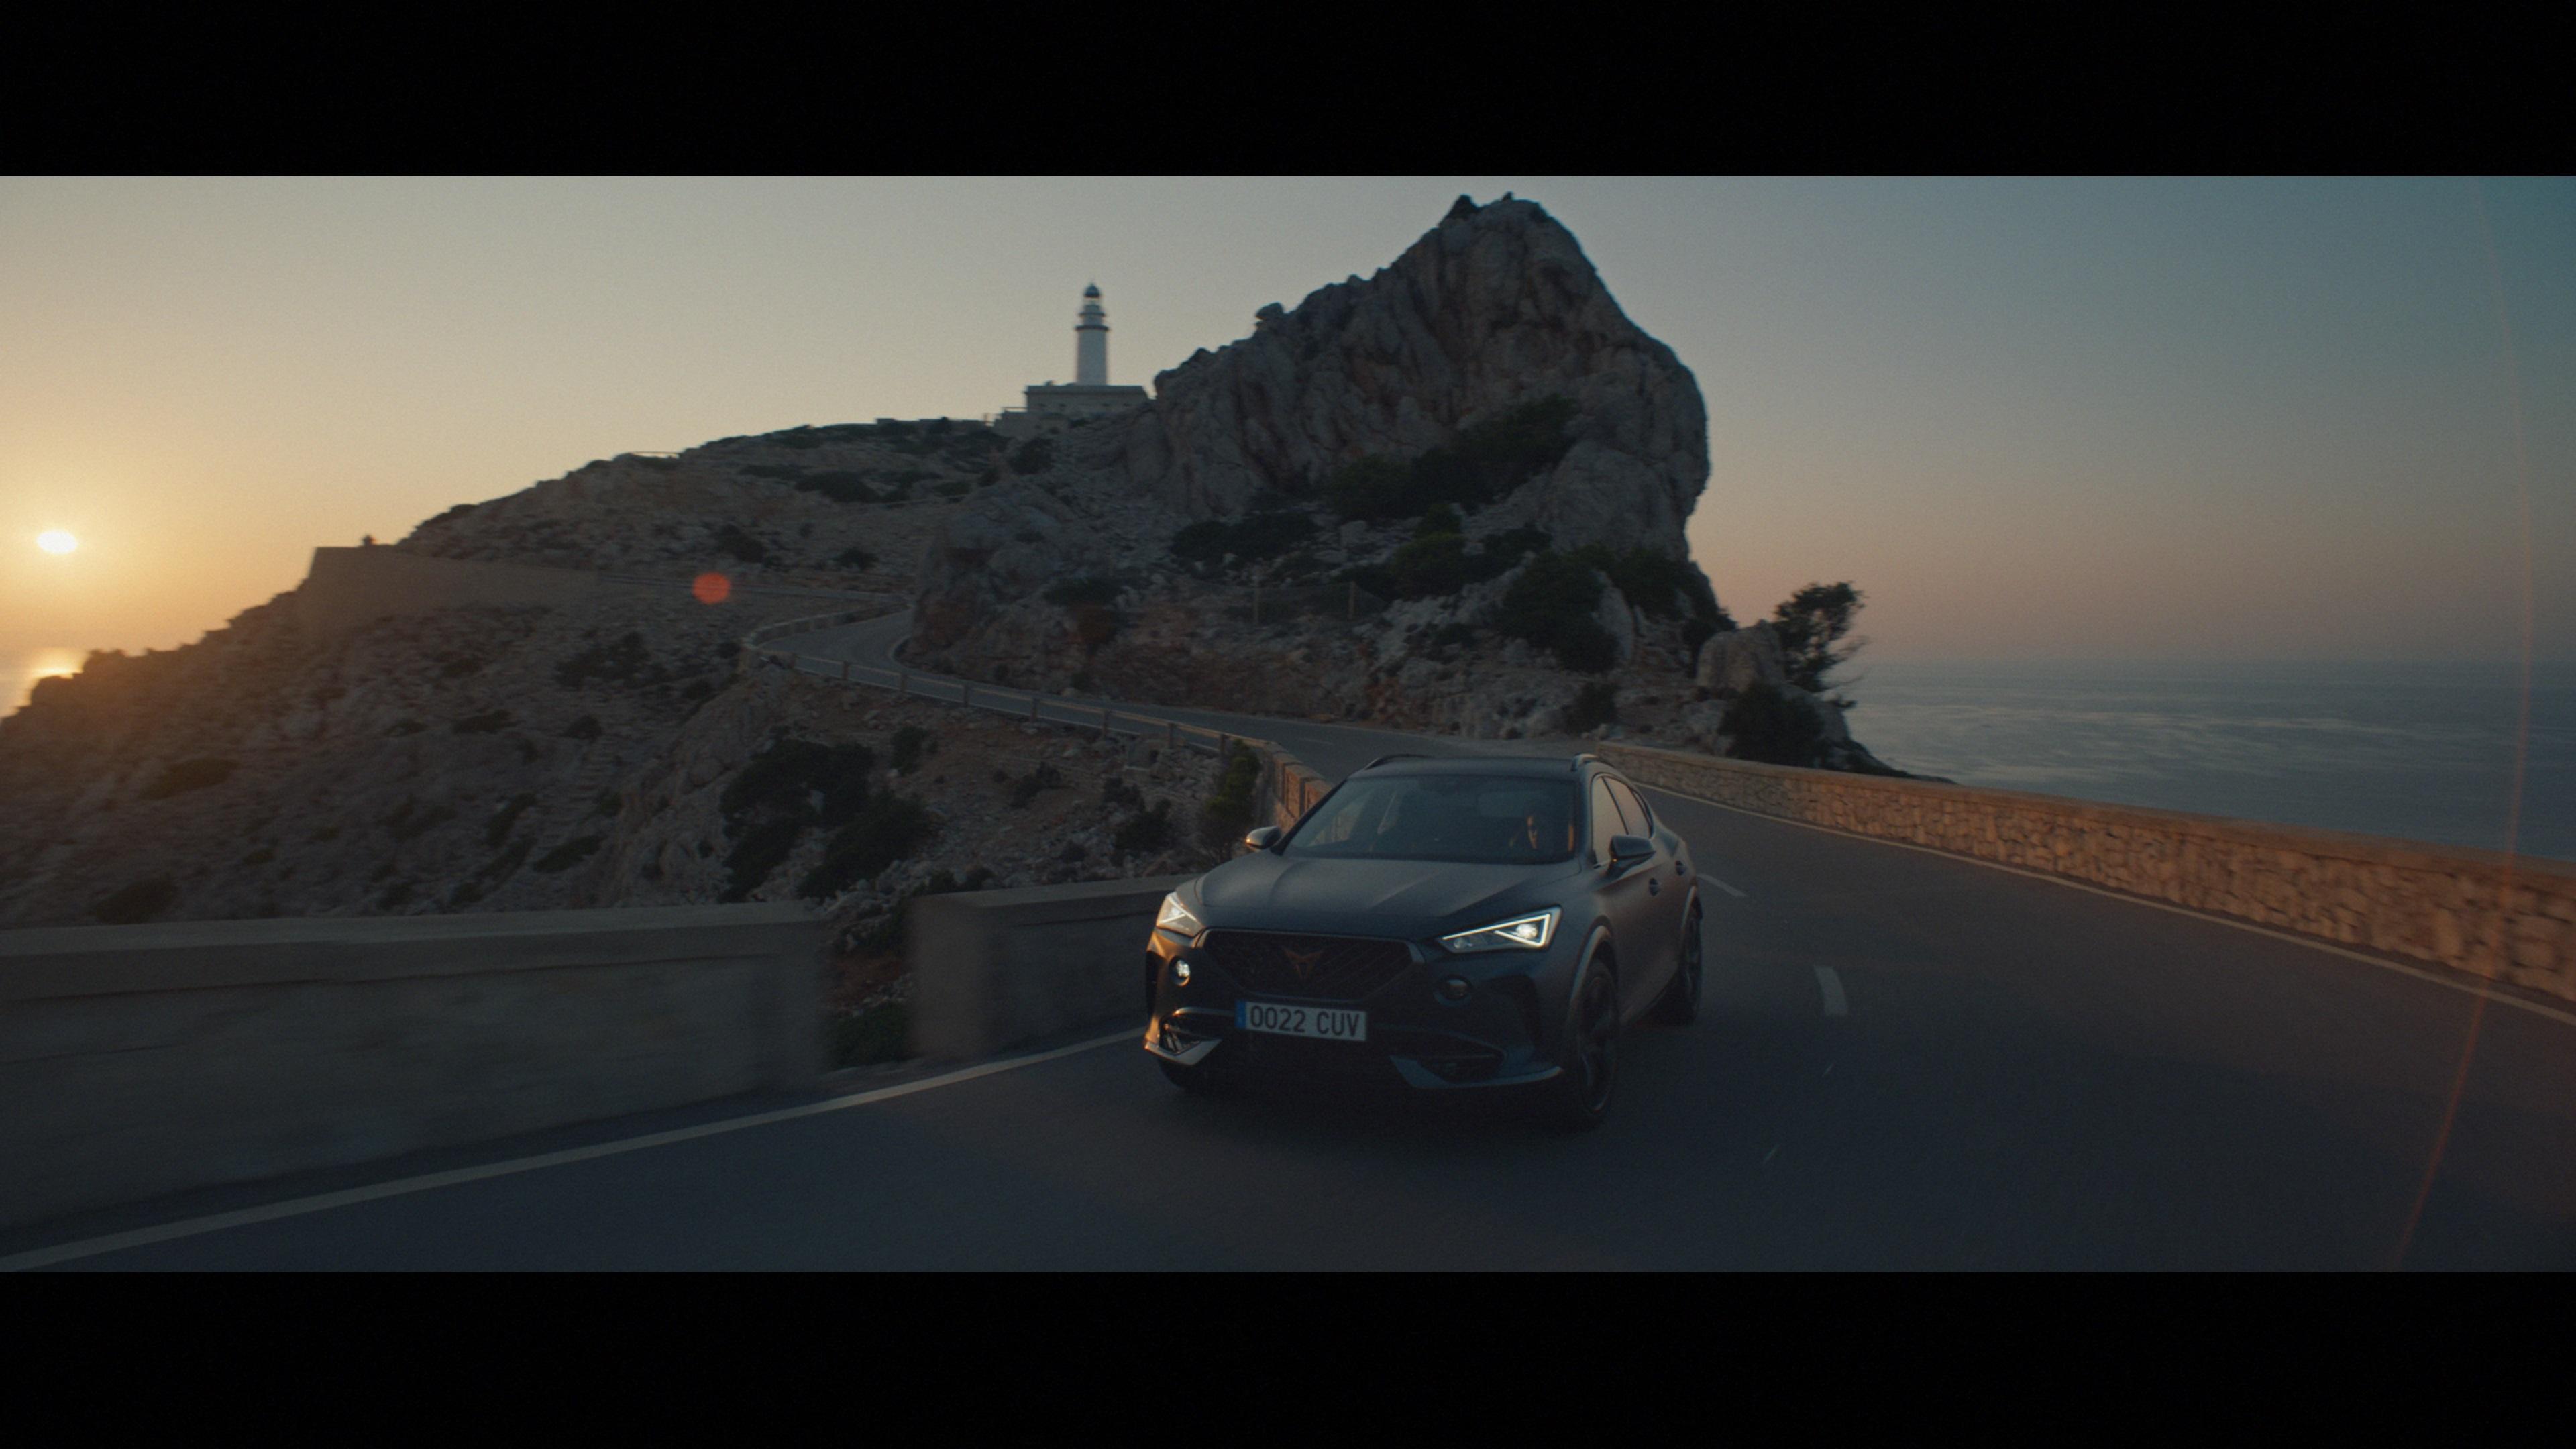 CUPRA lanserar Formentor med Nathalie Emmanuel från Game of Thrones och rapparen Loyle Carner